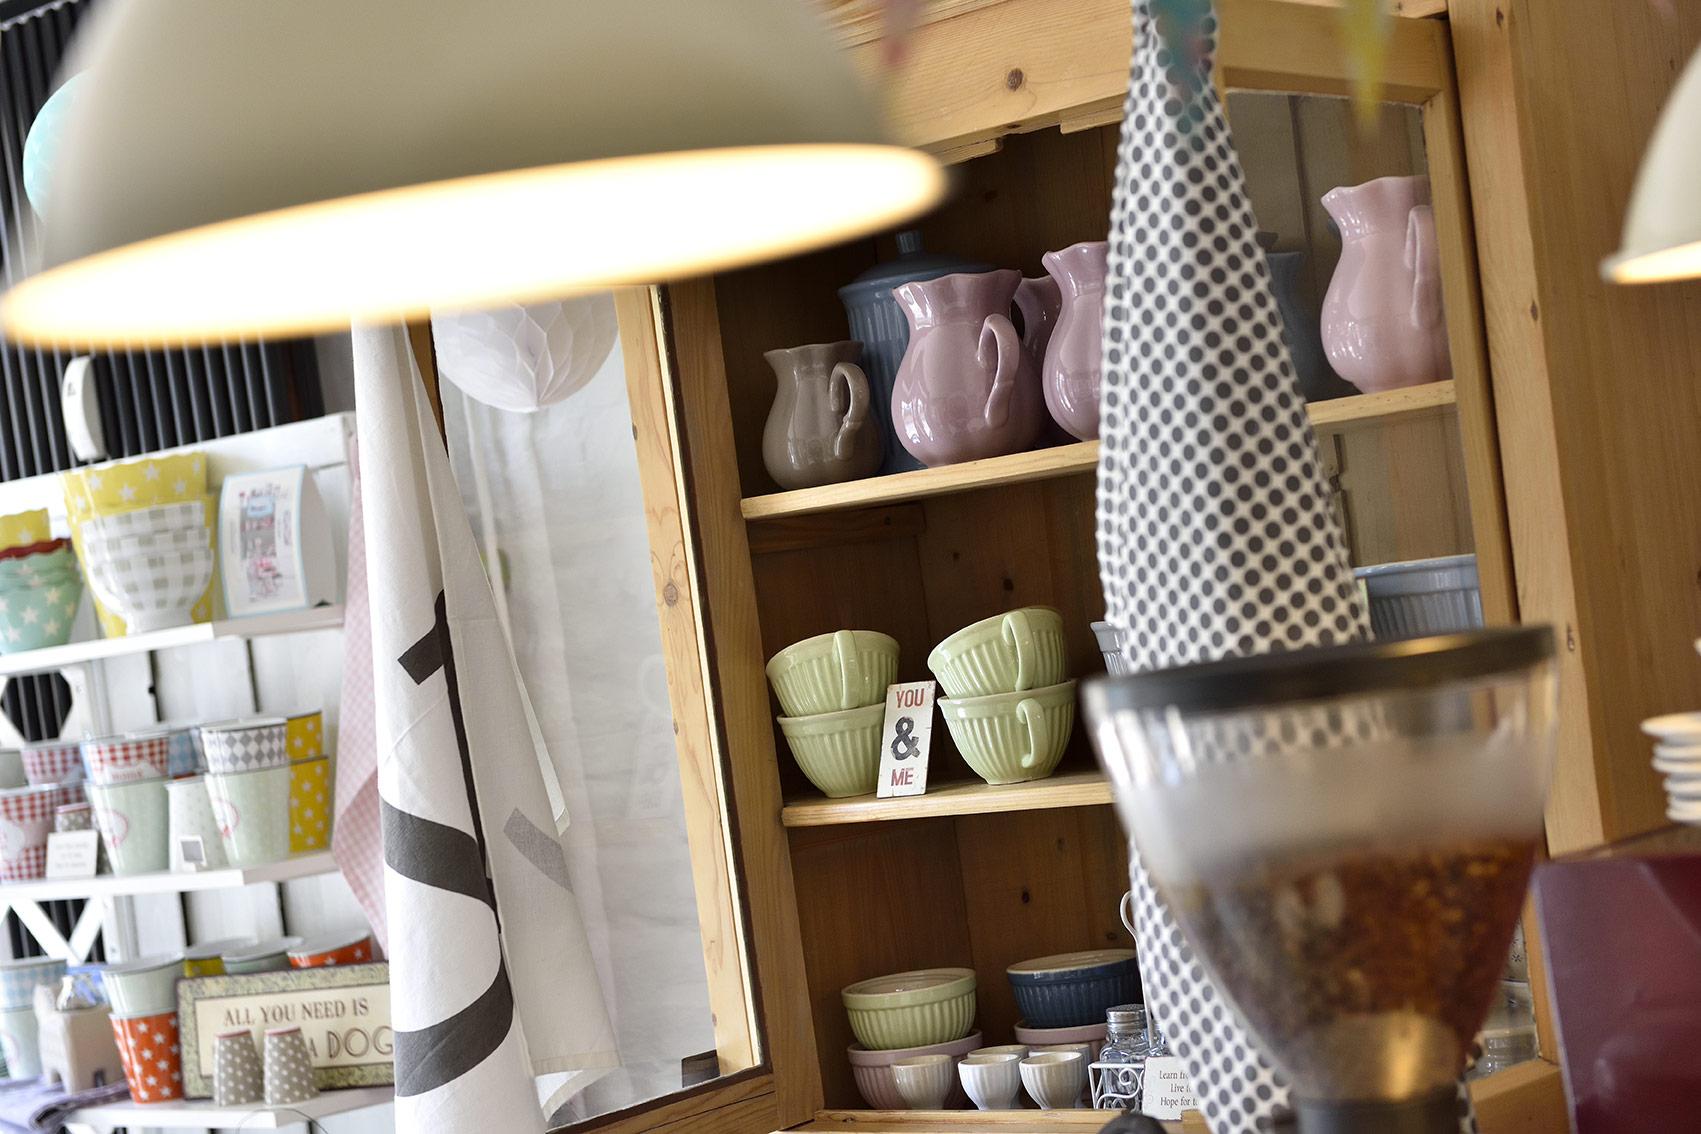 Hinter dem Begriff skandinavische Wohnaccessoires verbergen sich wunderschöne Tassen, Krüge, Schalen und anderer Krimskrams, den man unbedingt haben möchte. Foto: BSM/Daniel Möller